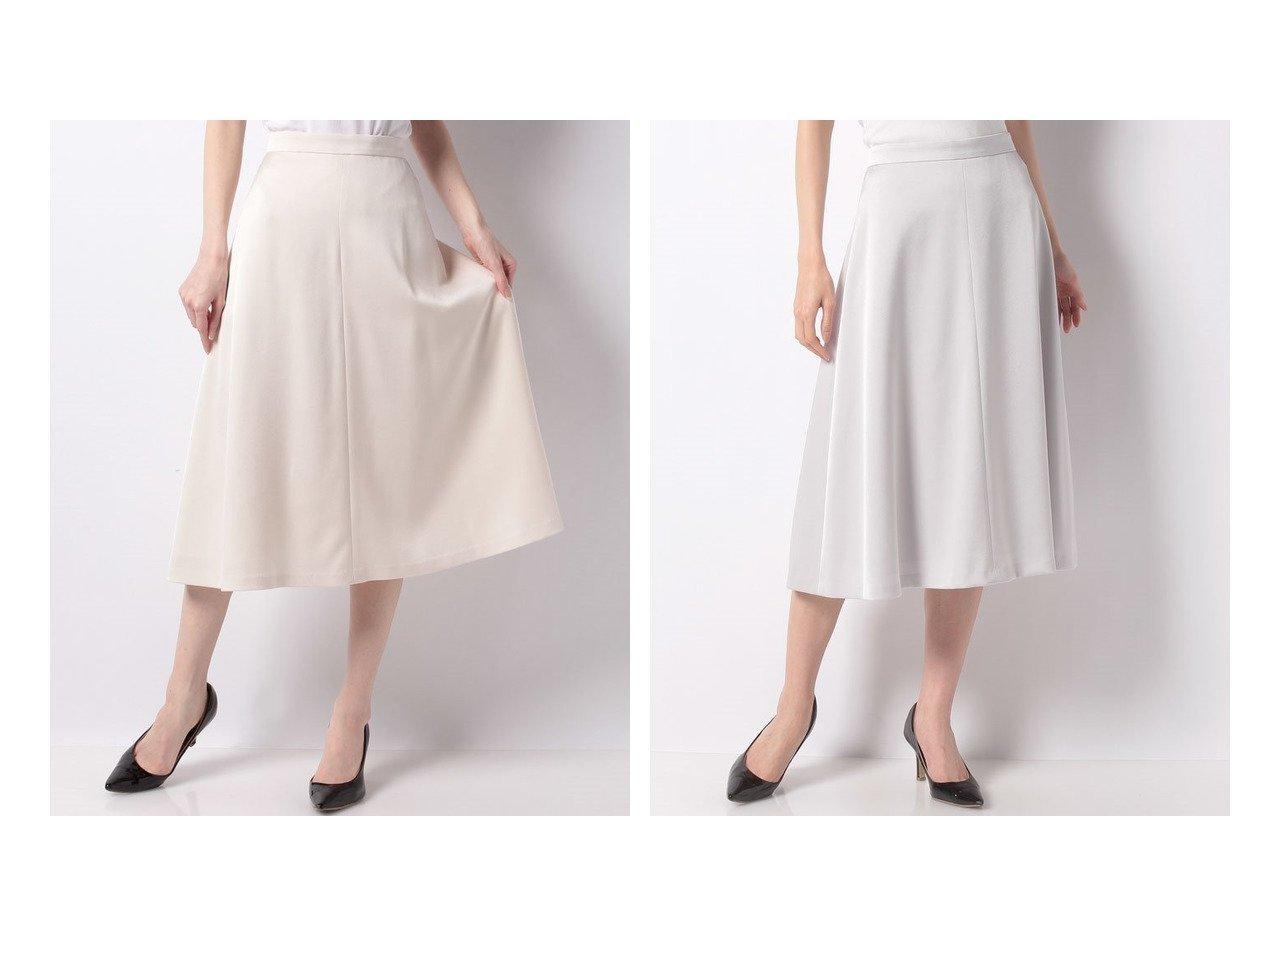 【ANAYI/アナイ】の【セットアップ対応商品】【2021 Eternal Line】トリアセテートサテンセミフレアスカート ANAYIのおすすめ!人気、トレンド・レディースファッションの通販  おすすめで人気の流行・トレンド、ファッションの通販商品 メンズファッション・キッズファッション・インテリア・家具・レディースファッション・服の通販 founy(ファニー) https://founy.com/ ファッション Fashion レディースファッション WOMEN セットアップ Setup スカート Skirt スカート Skirt Aライン/フレアスカート Flared A-Line Skirts エレガント ギャザー サテン セットアップ ダウン フレア |ID:crp329100000020267